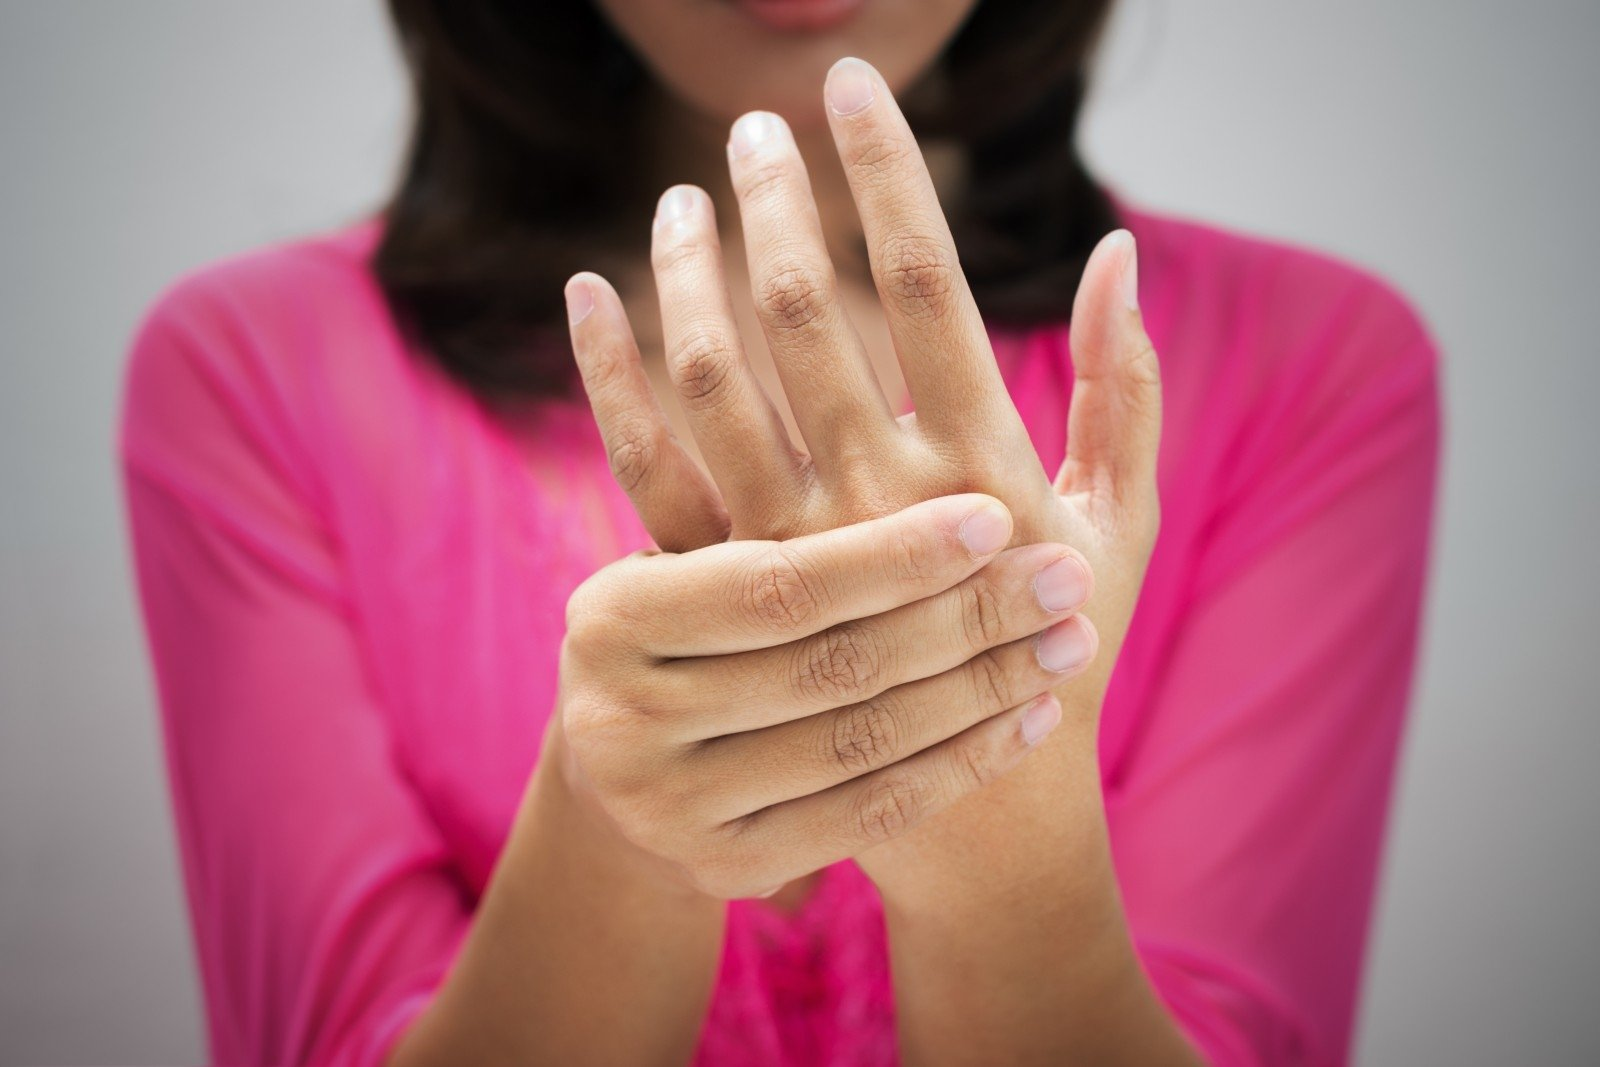 skausmas ir raumenų įtempimas sąnarių skauda sąnarius į petį ir suteikia į kastuvo